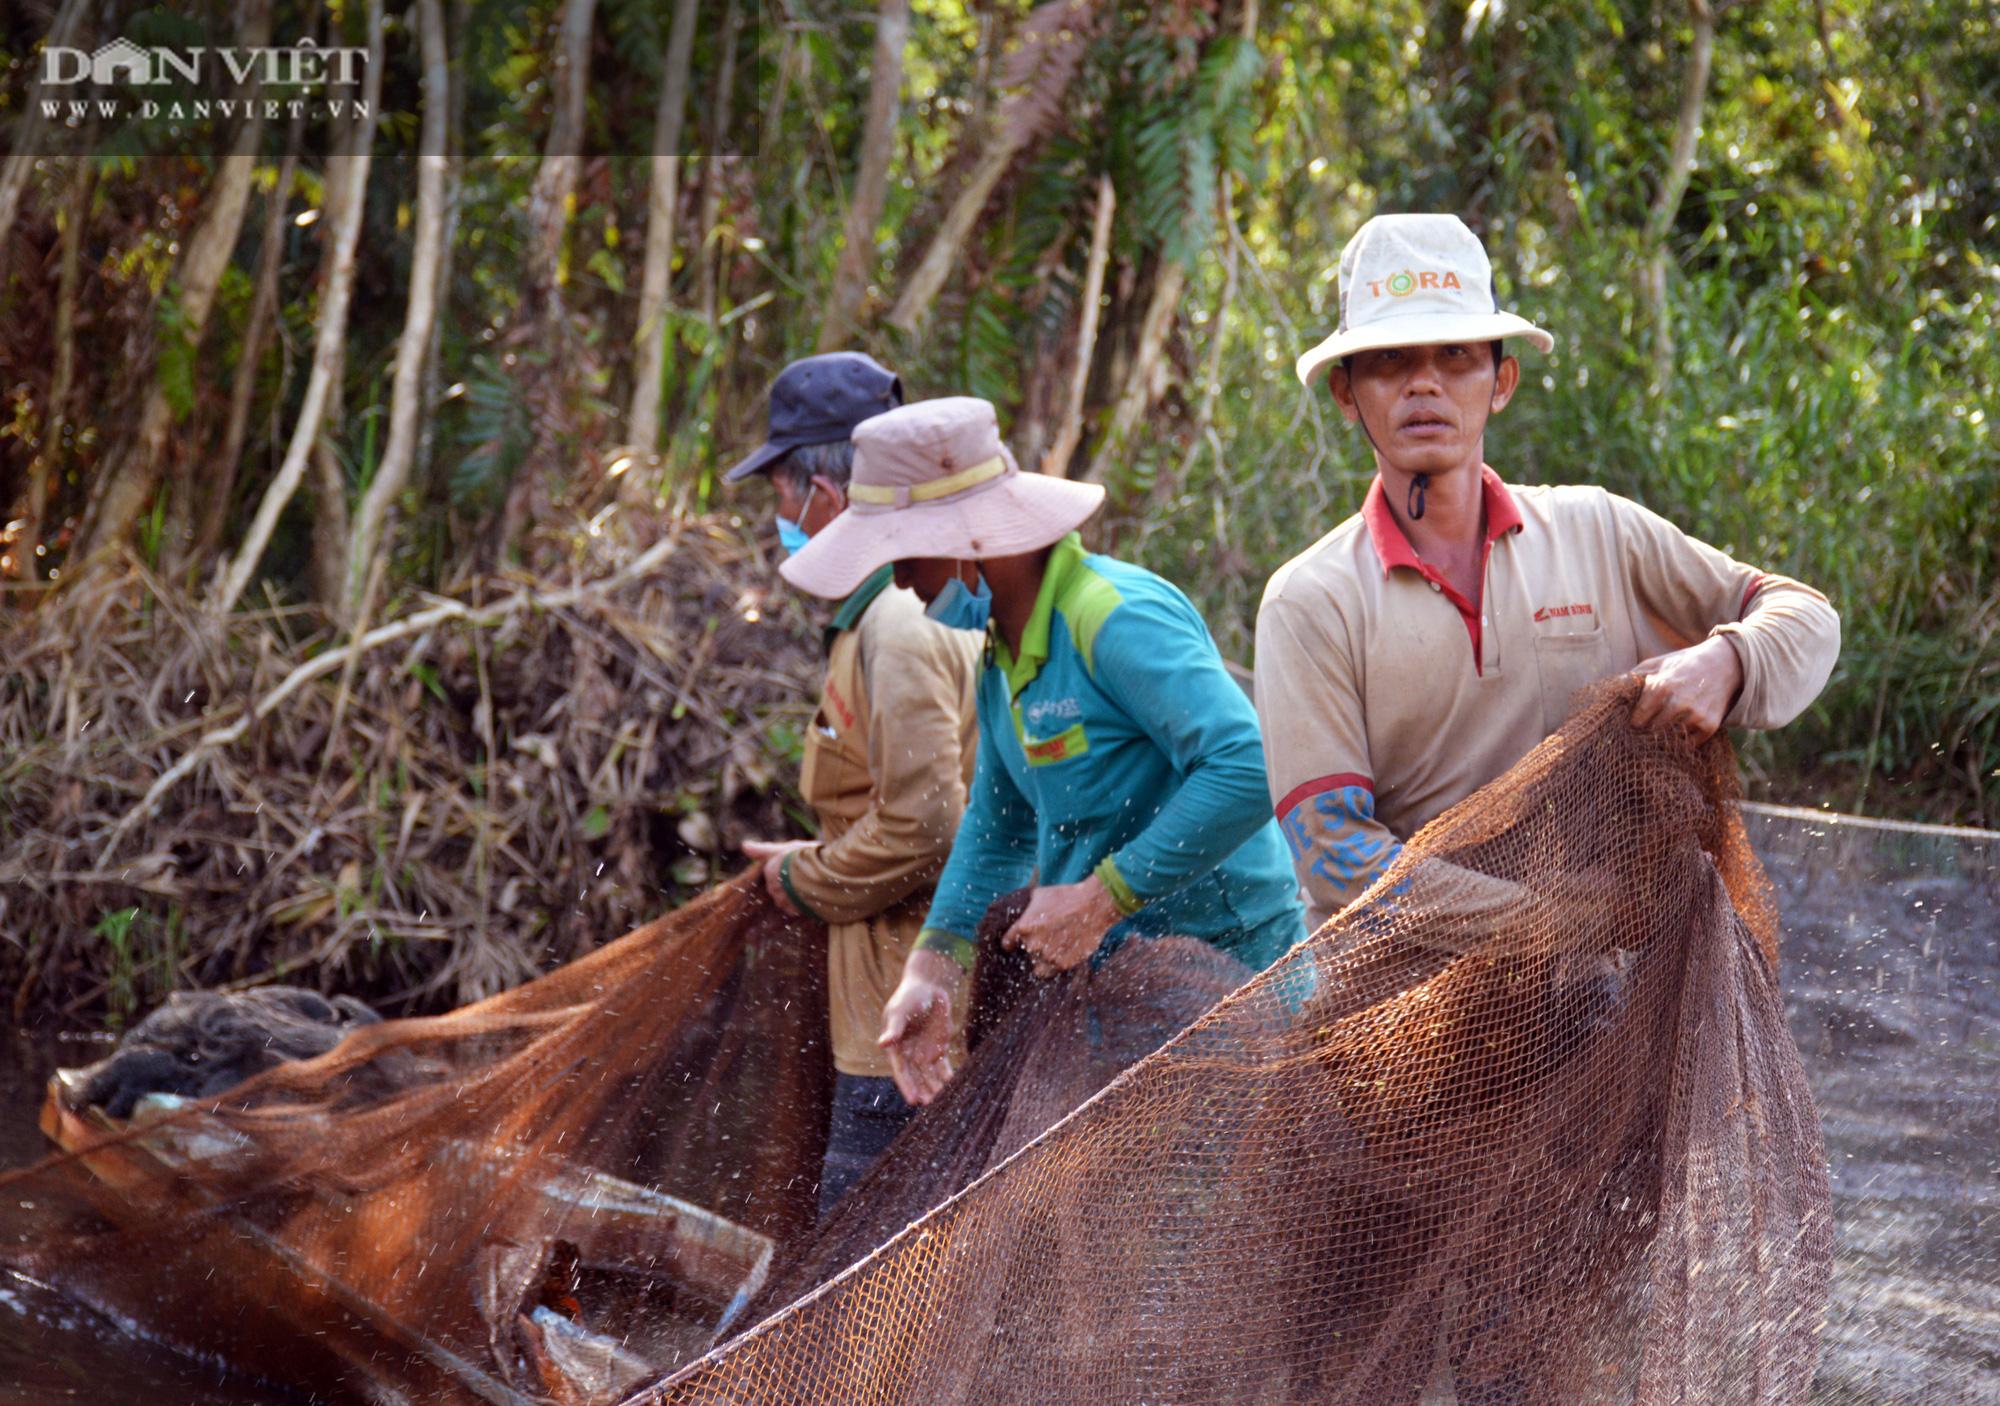 Về vườn quốc gia U Minh Hạ mục sở thị cảnh chụp đìa bắt hàng trăm kg cá đồng - Ảnh 5.